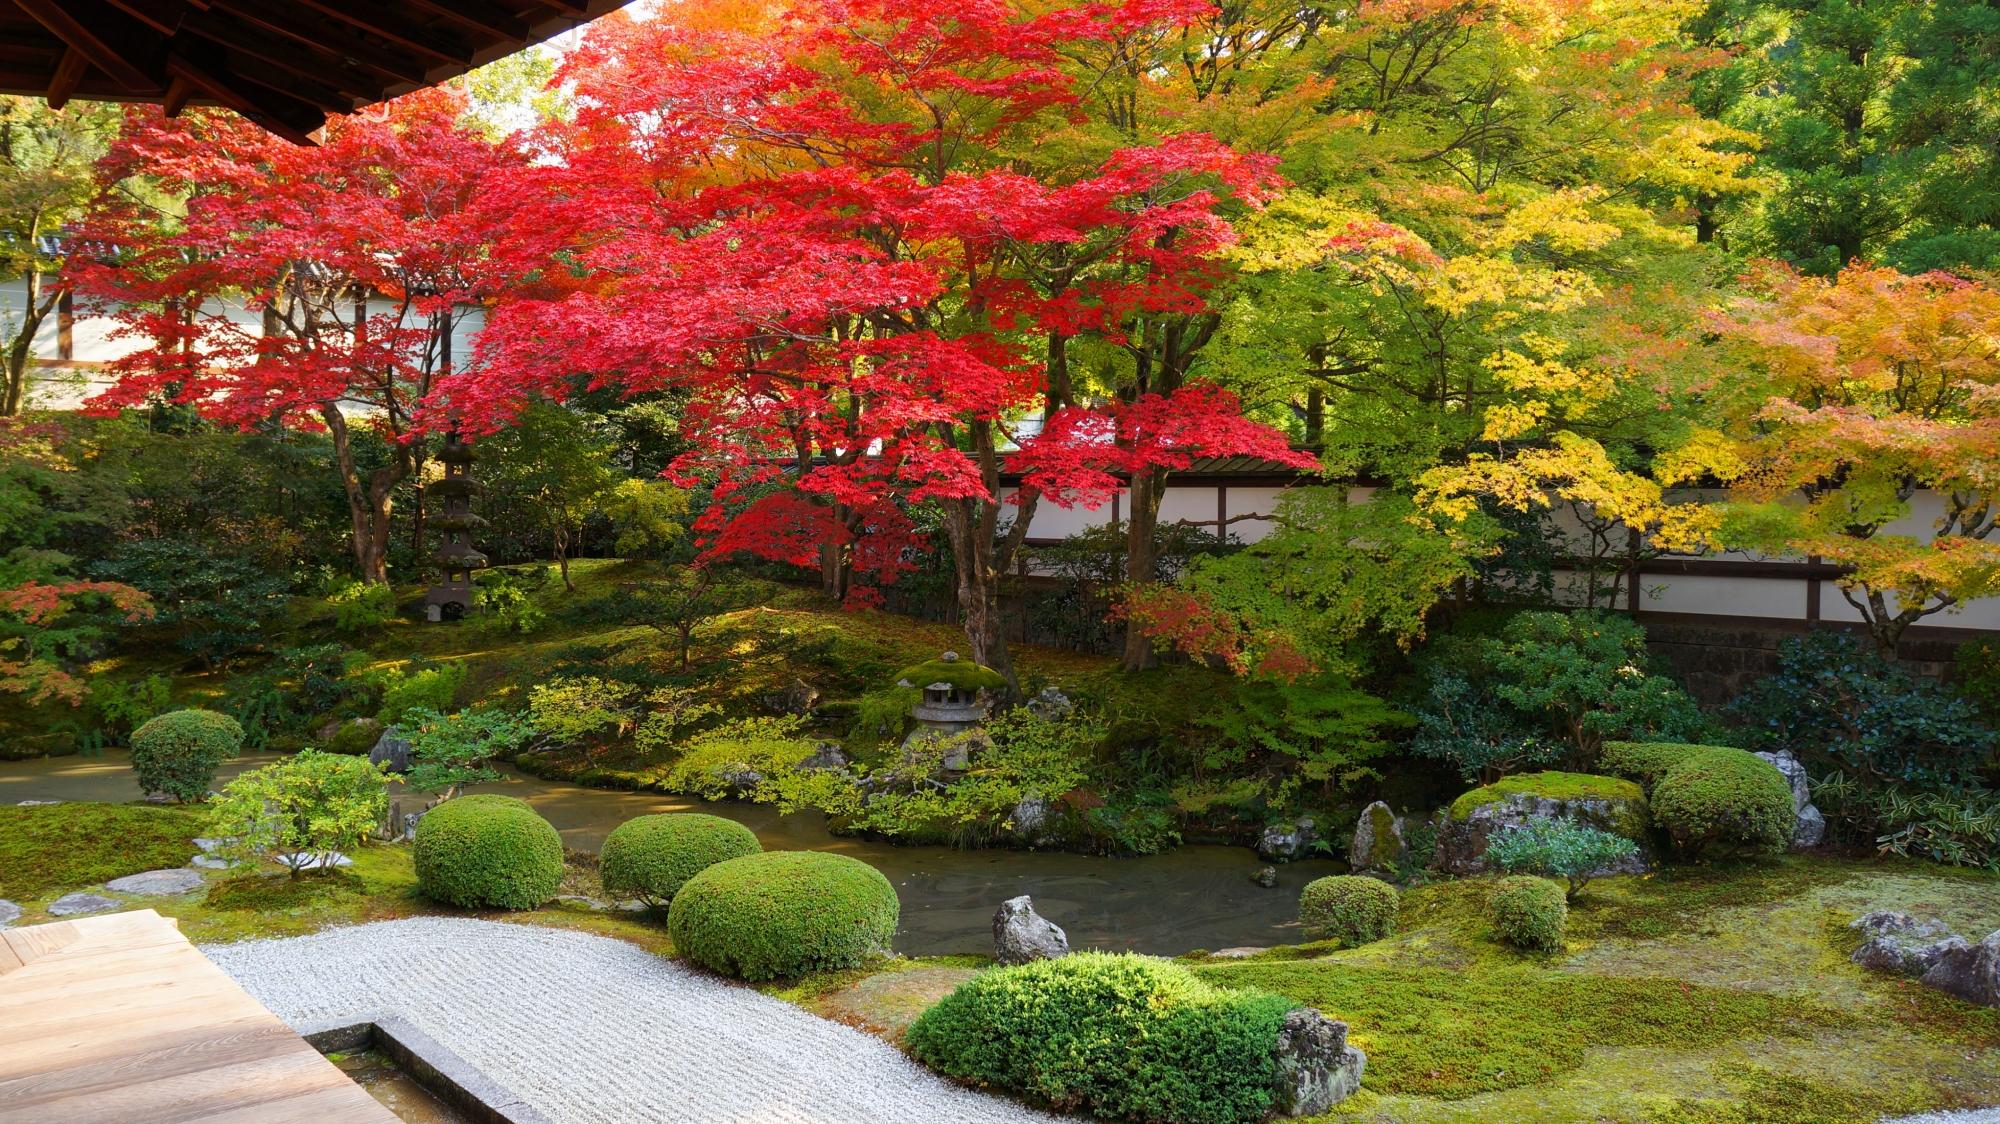 優雅で風情もある見事な紅葉の庭園